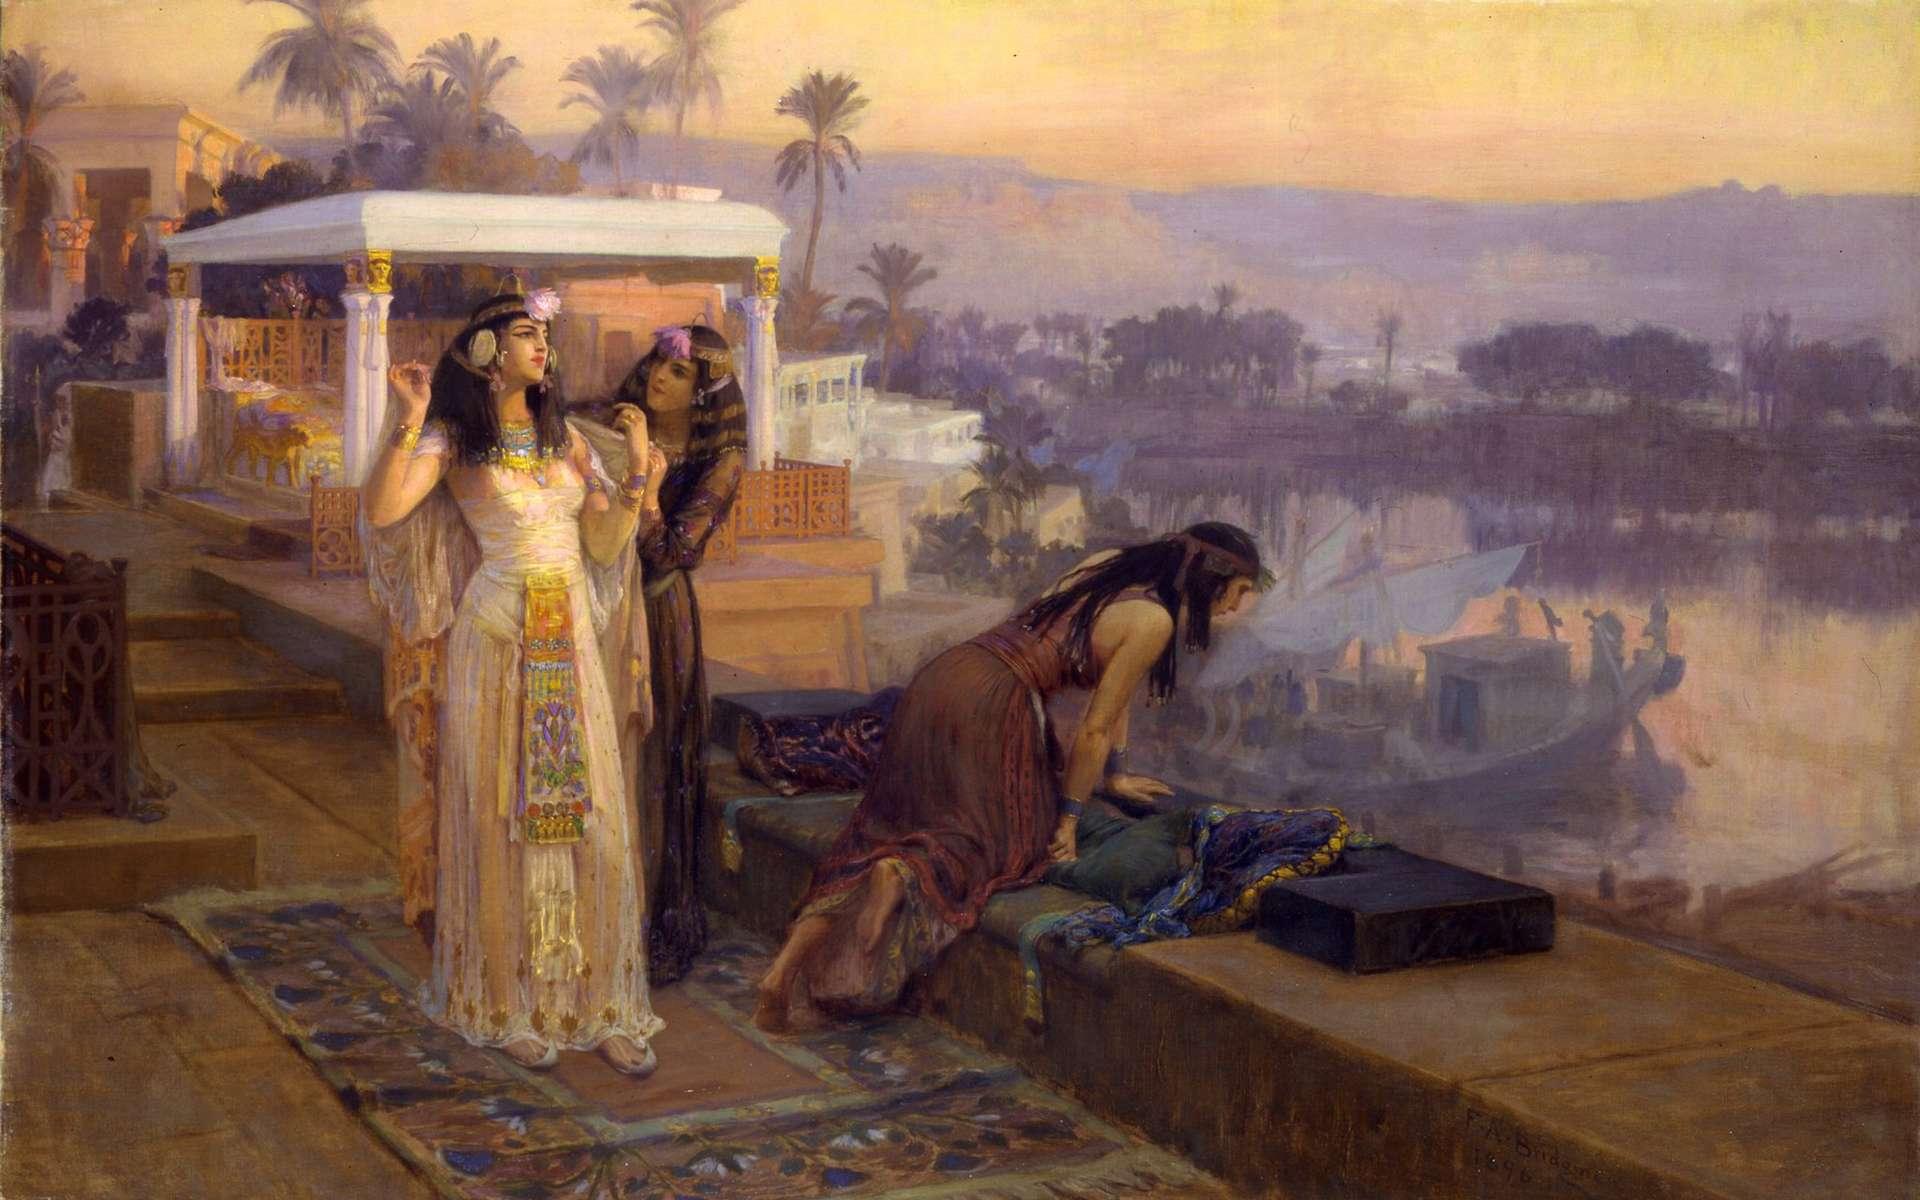 Cléopâtre était connue pour son amour des parfums. © Frederick Arthur Bridgman, Wikipedia